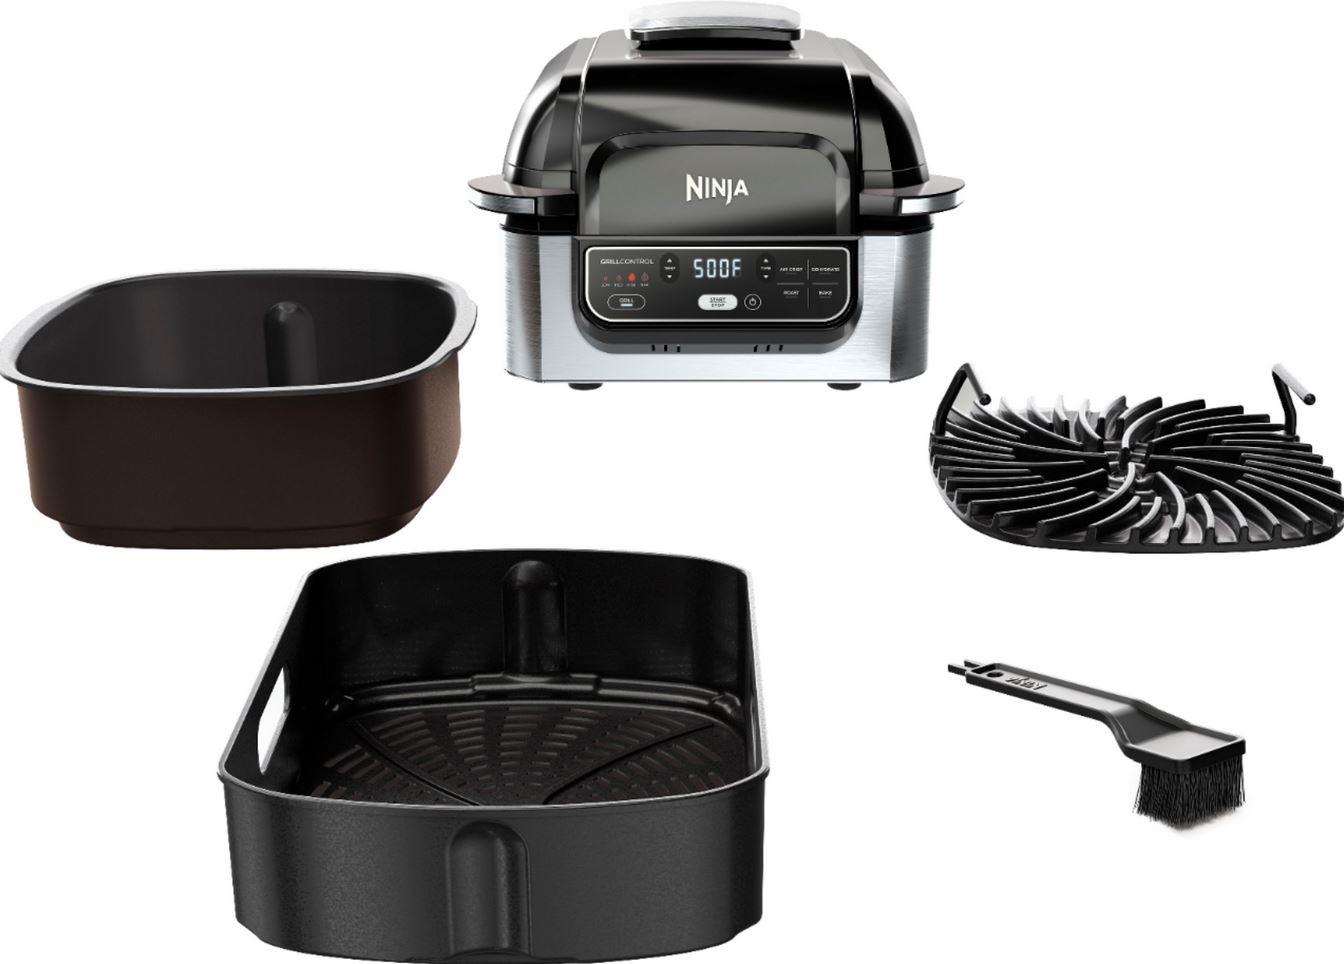 Ninja Foodi Grill parts